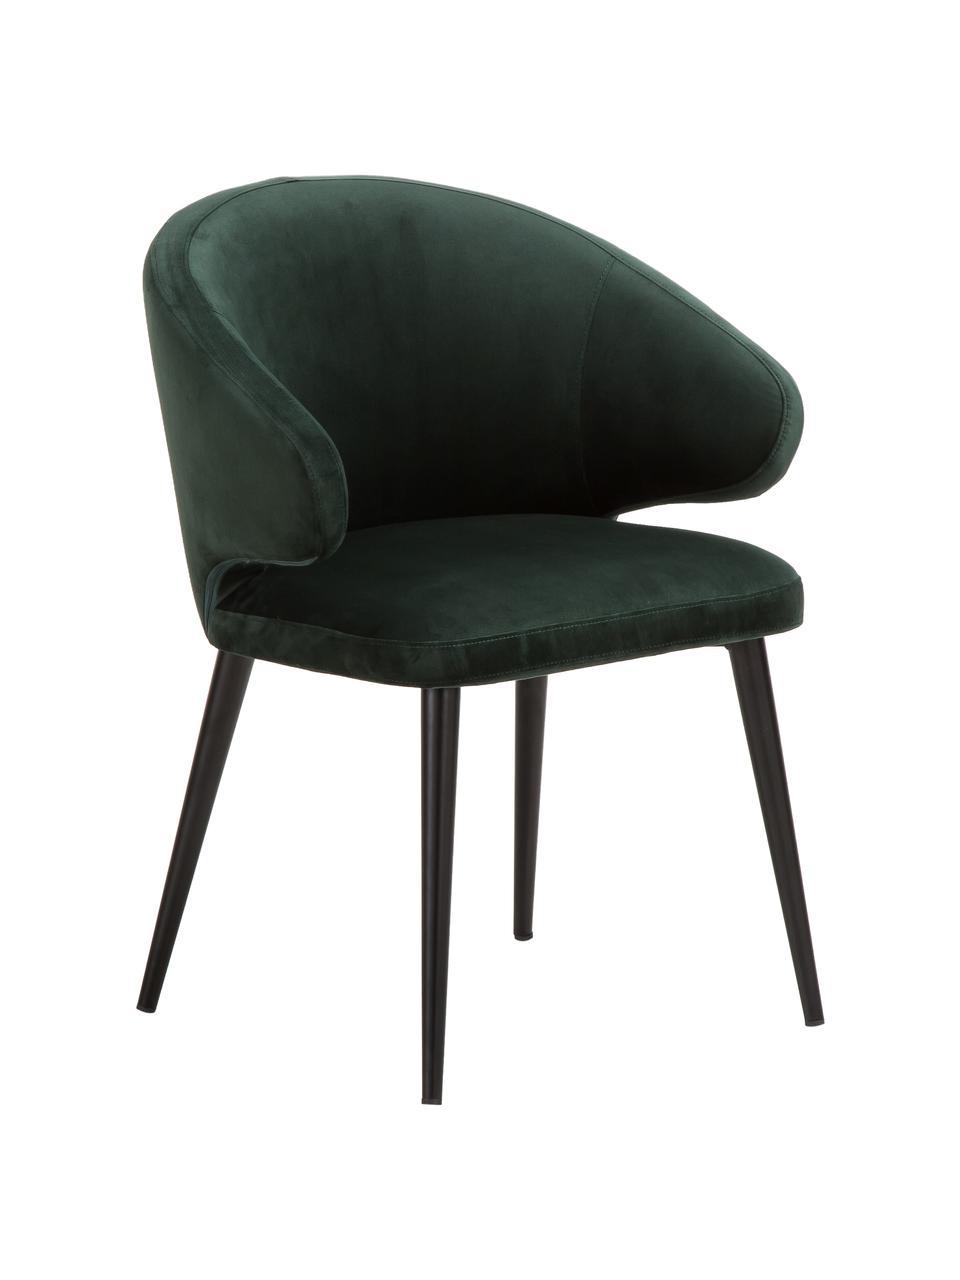 Sedia con braccioli moderna in velluto Celia, Rivestimento: velluto (poliestere) Con , Gambe: metallo verniciato a polv, Velluto verde scuro, Larg. 57 x Prof. 62 cm